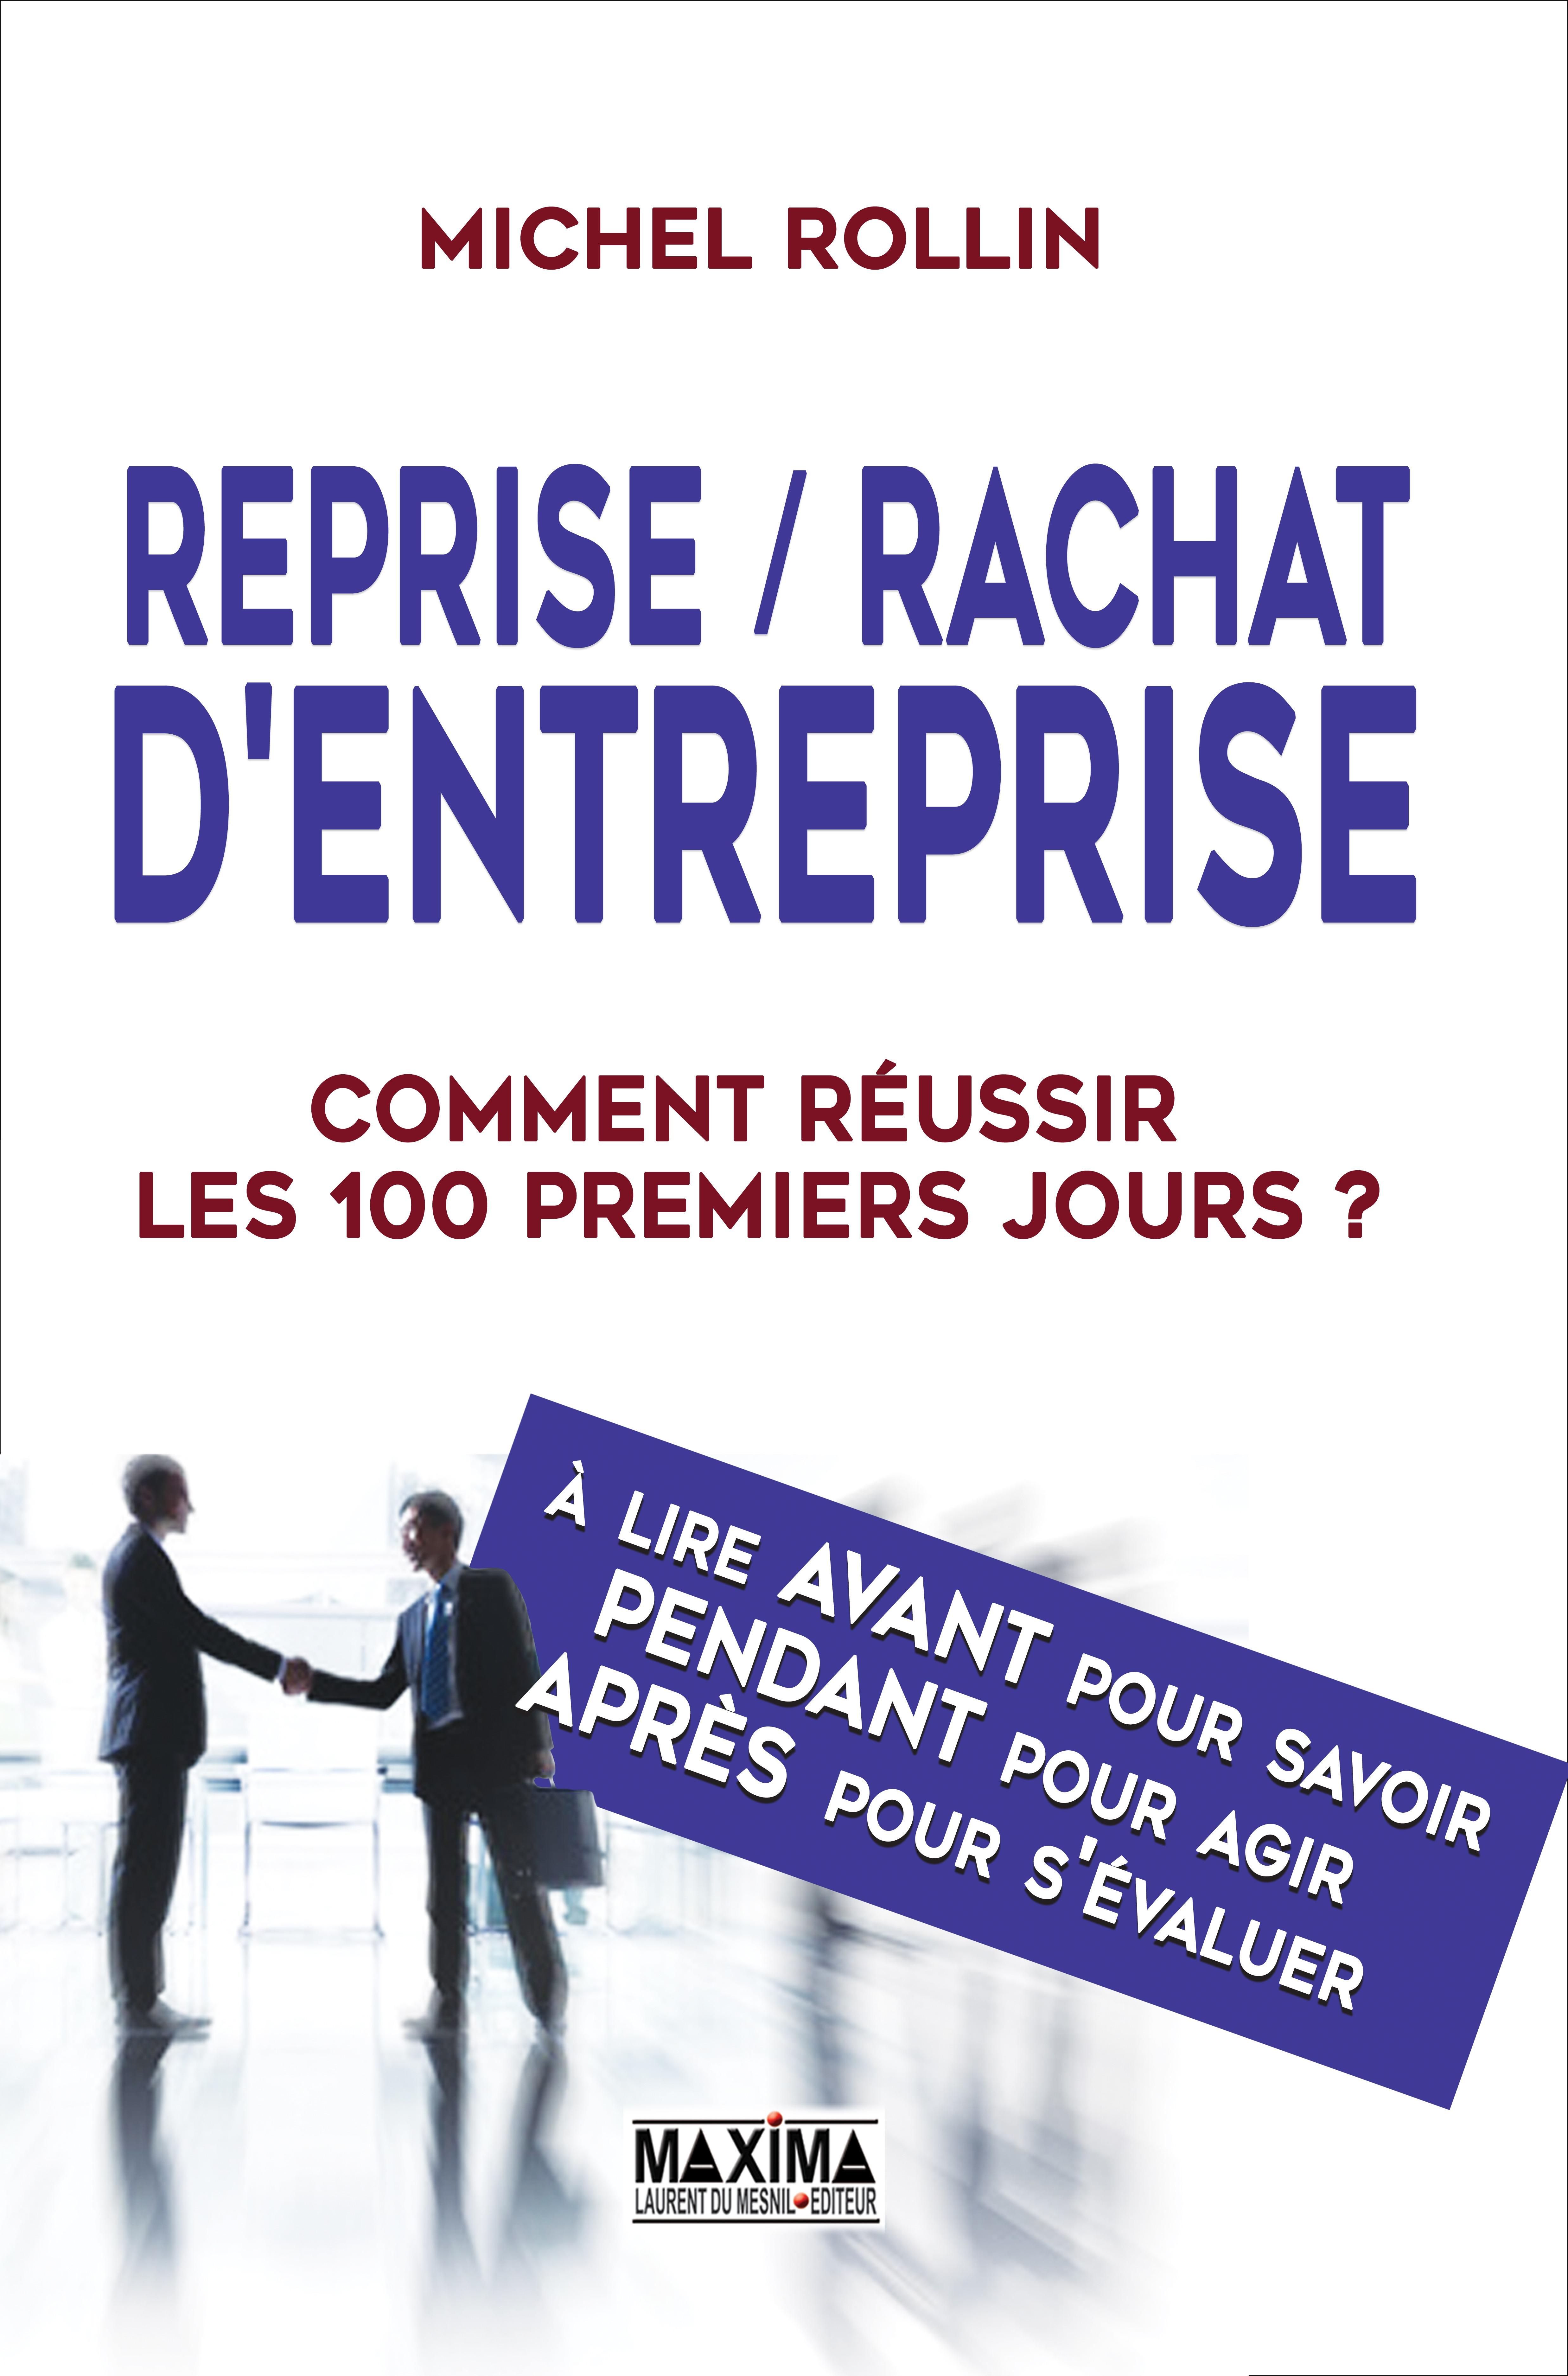 Reprise / Rachat d'entreprise, COMMENT RÉUSSIR LES 100 PREMIERS JOURS ?